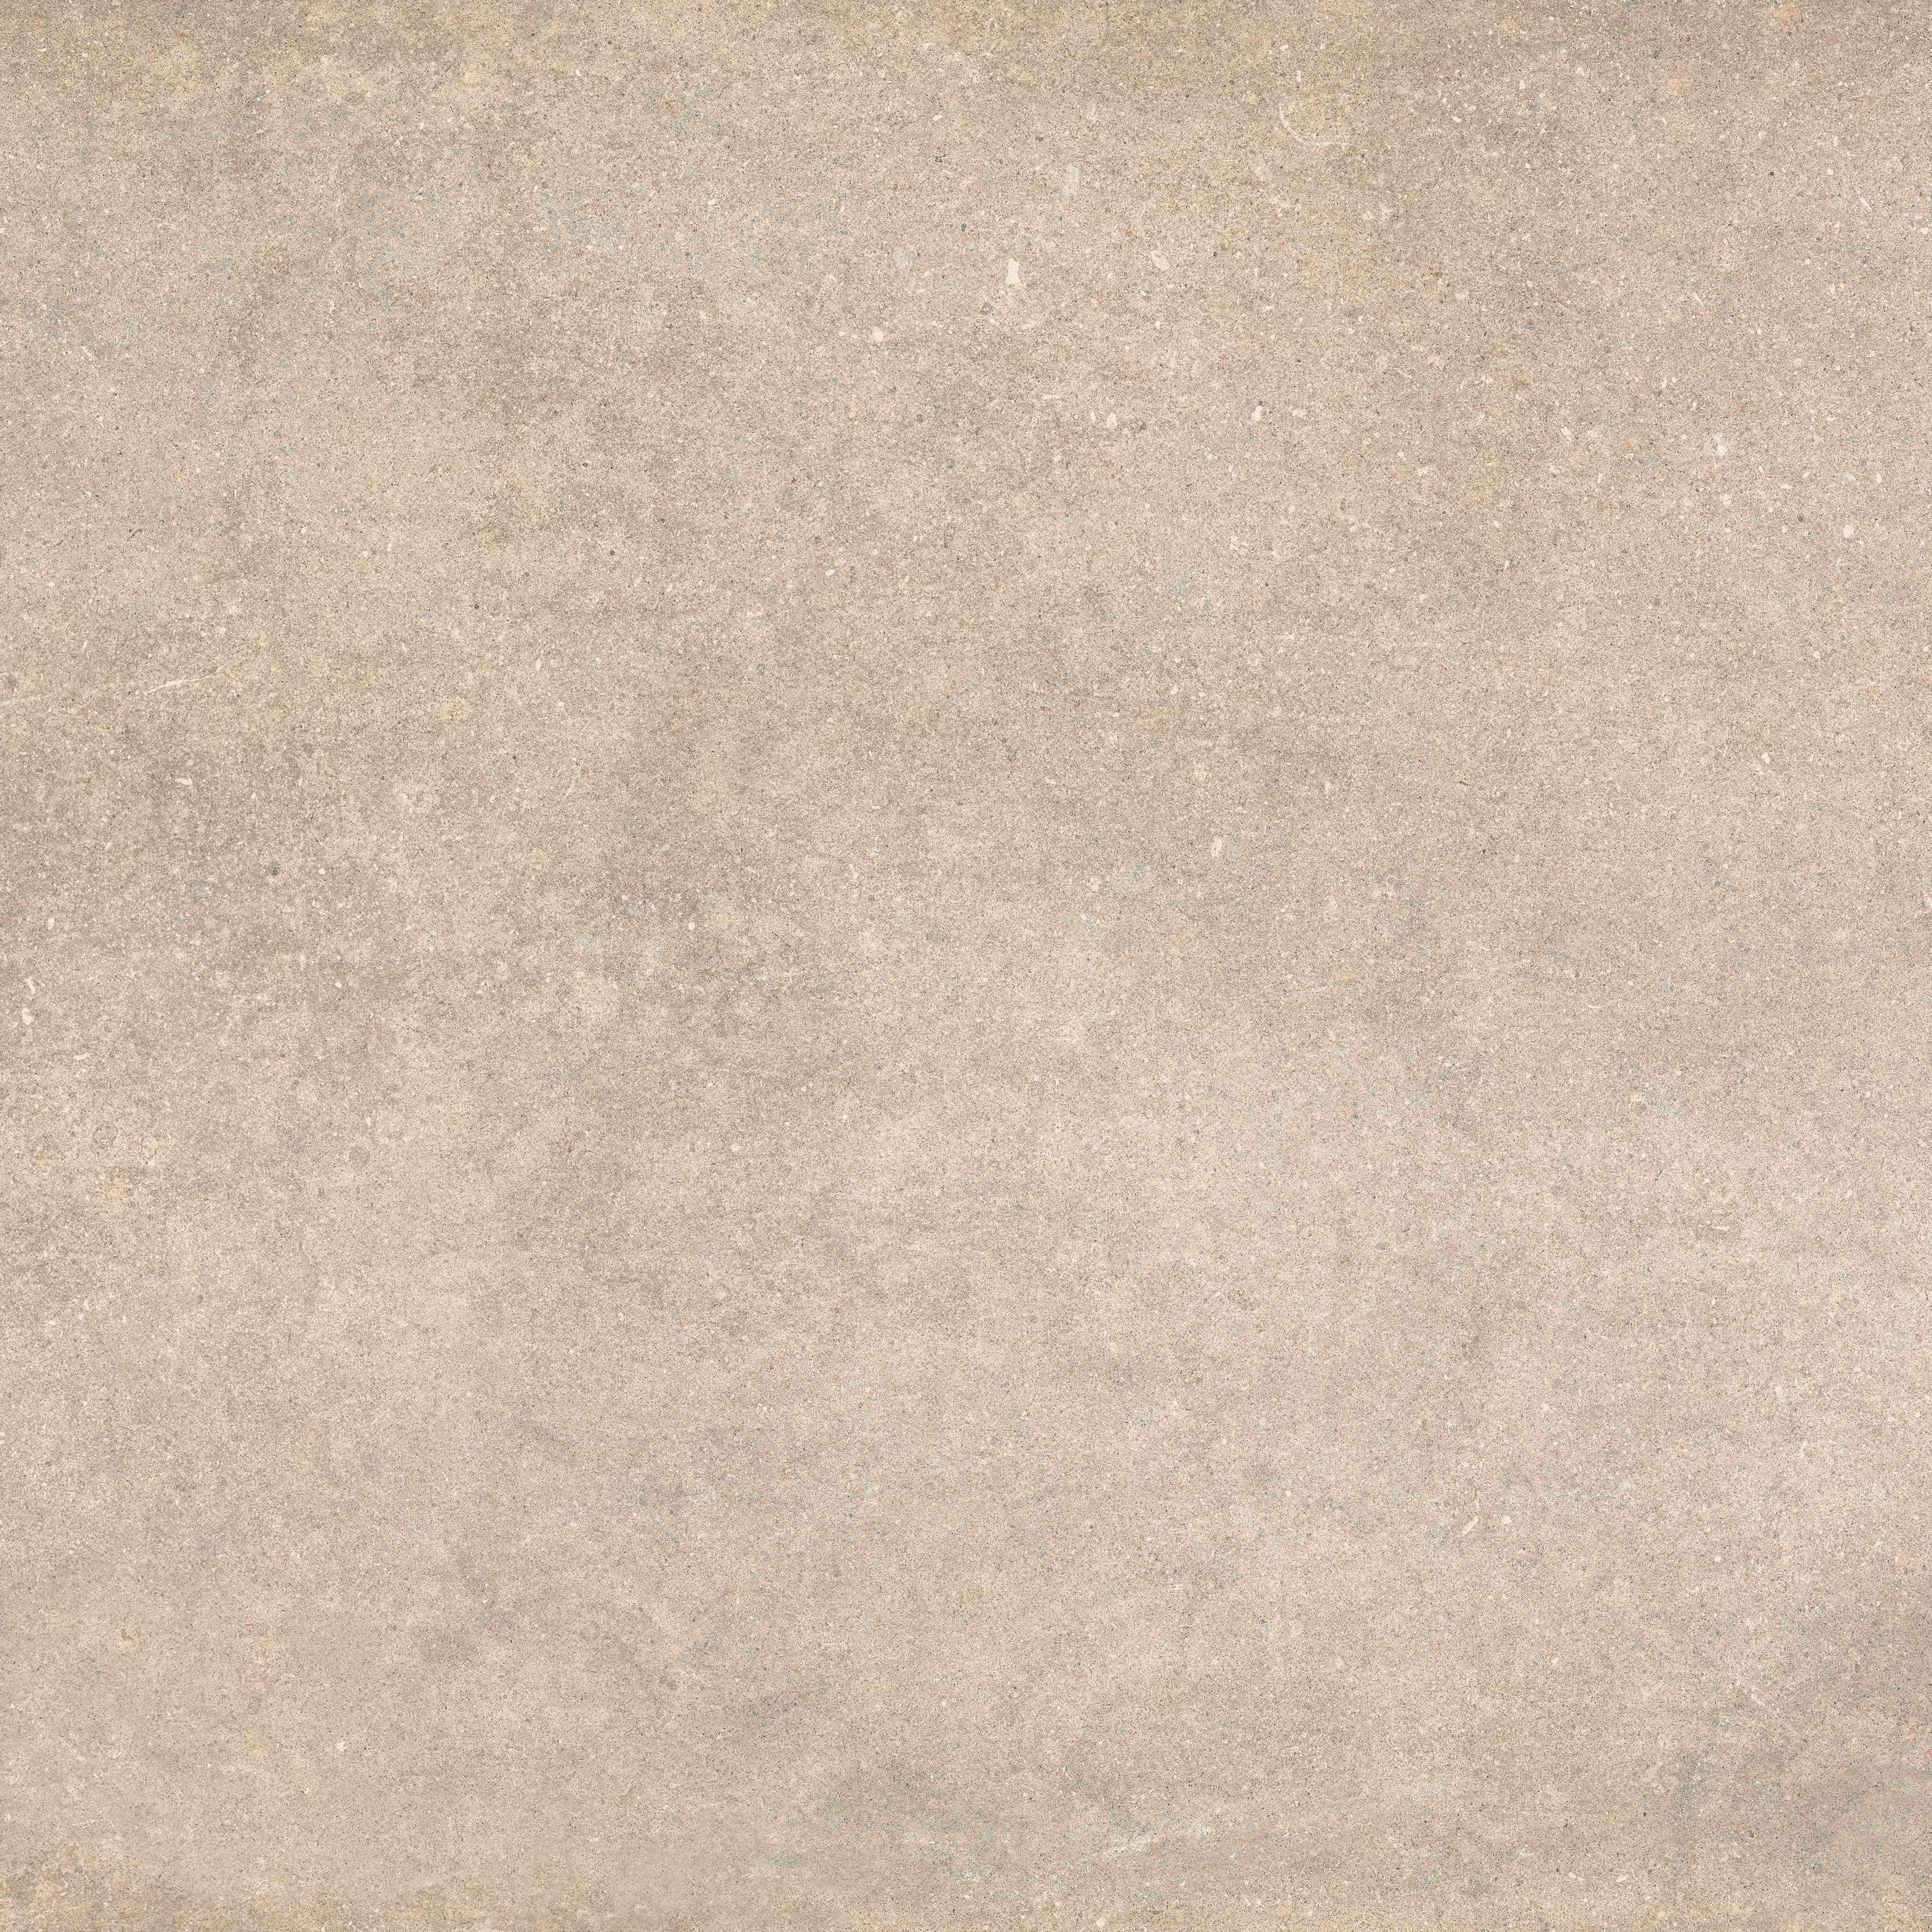 Плитка SABBIA (ZRXRM3R) изображение 1